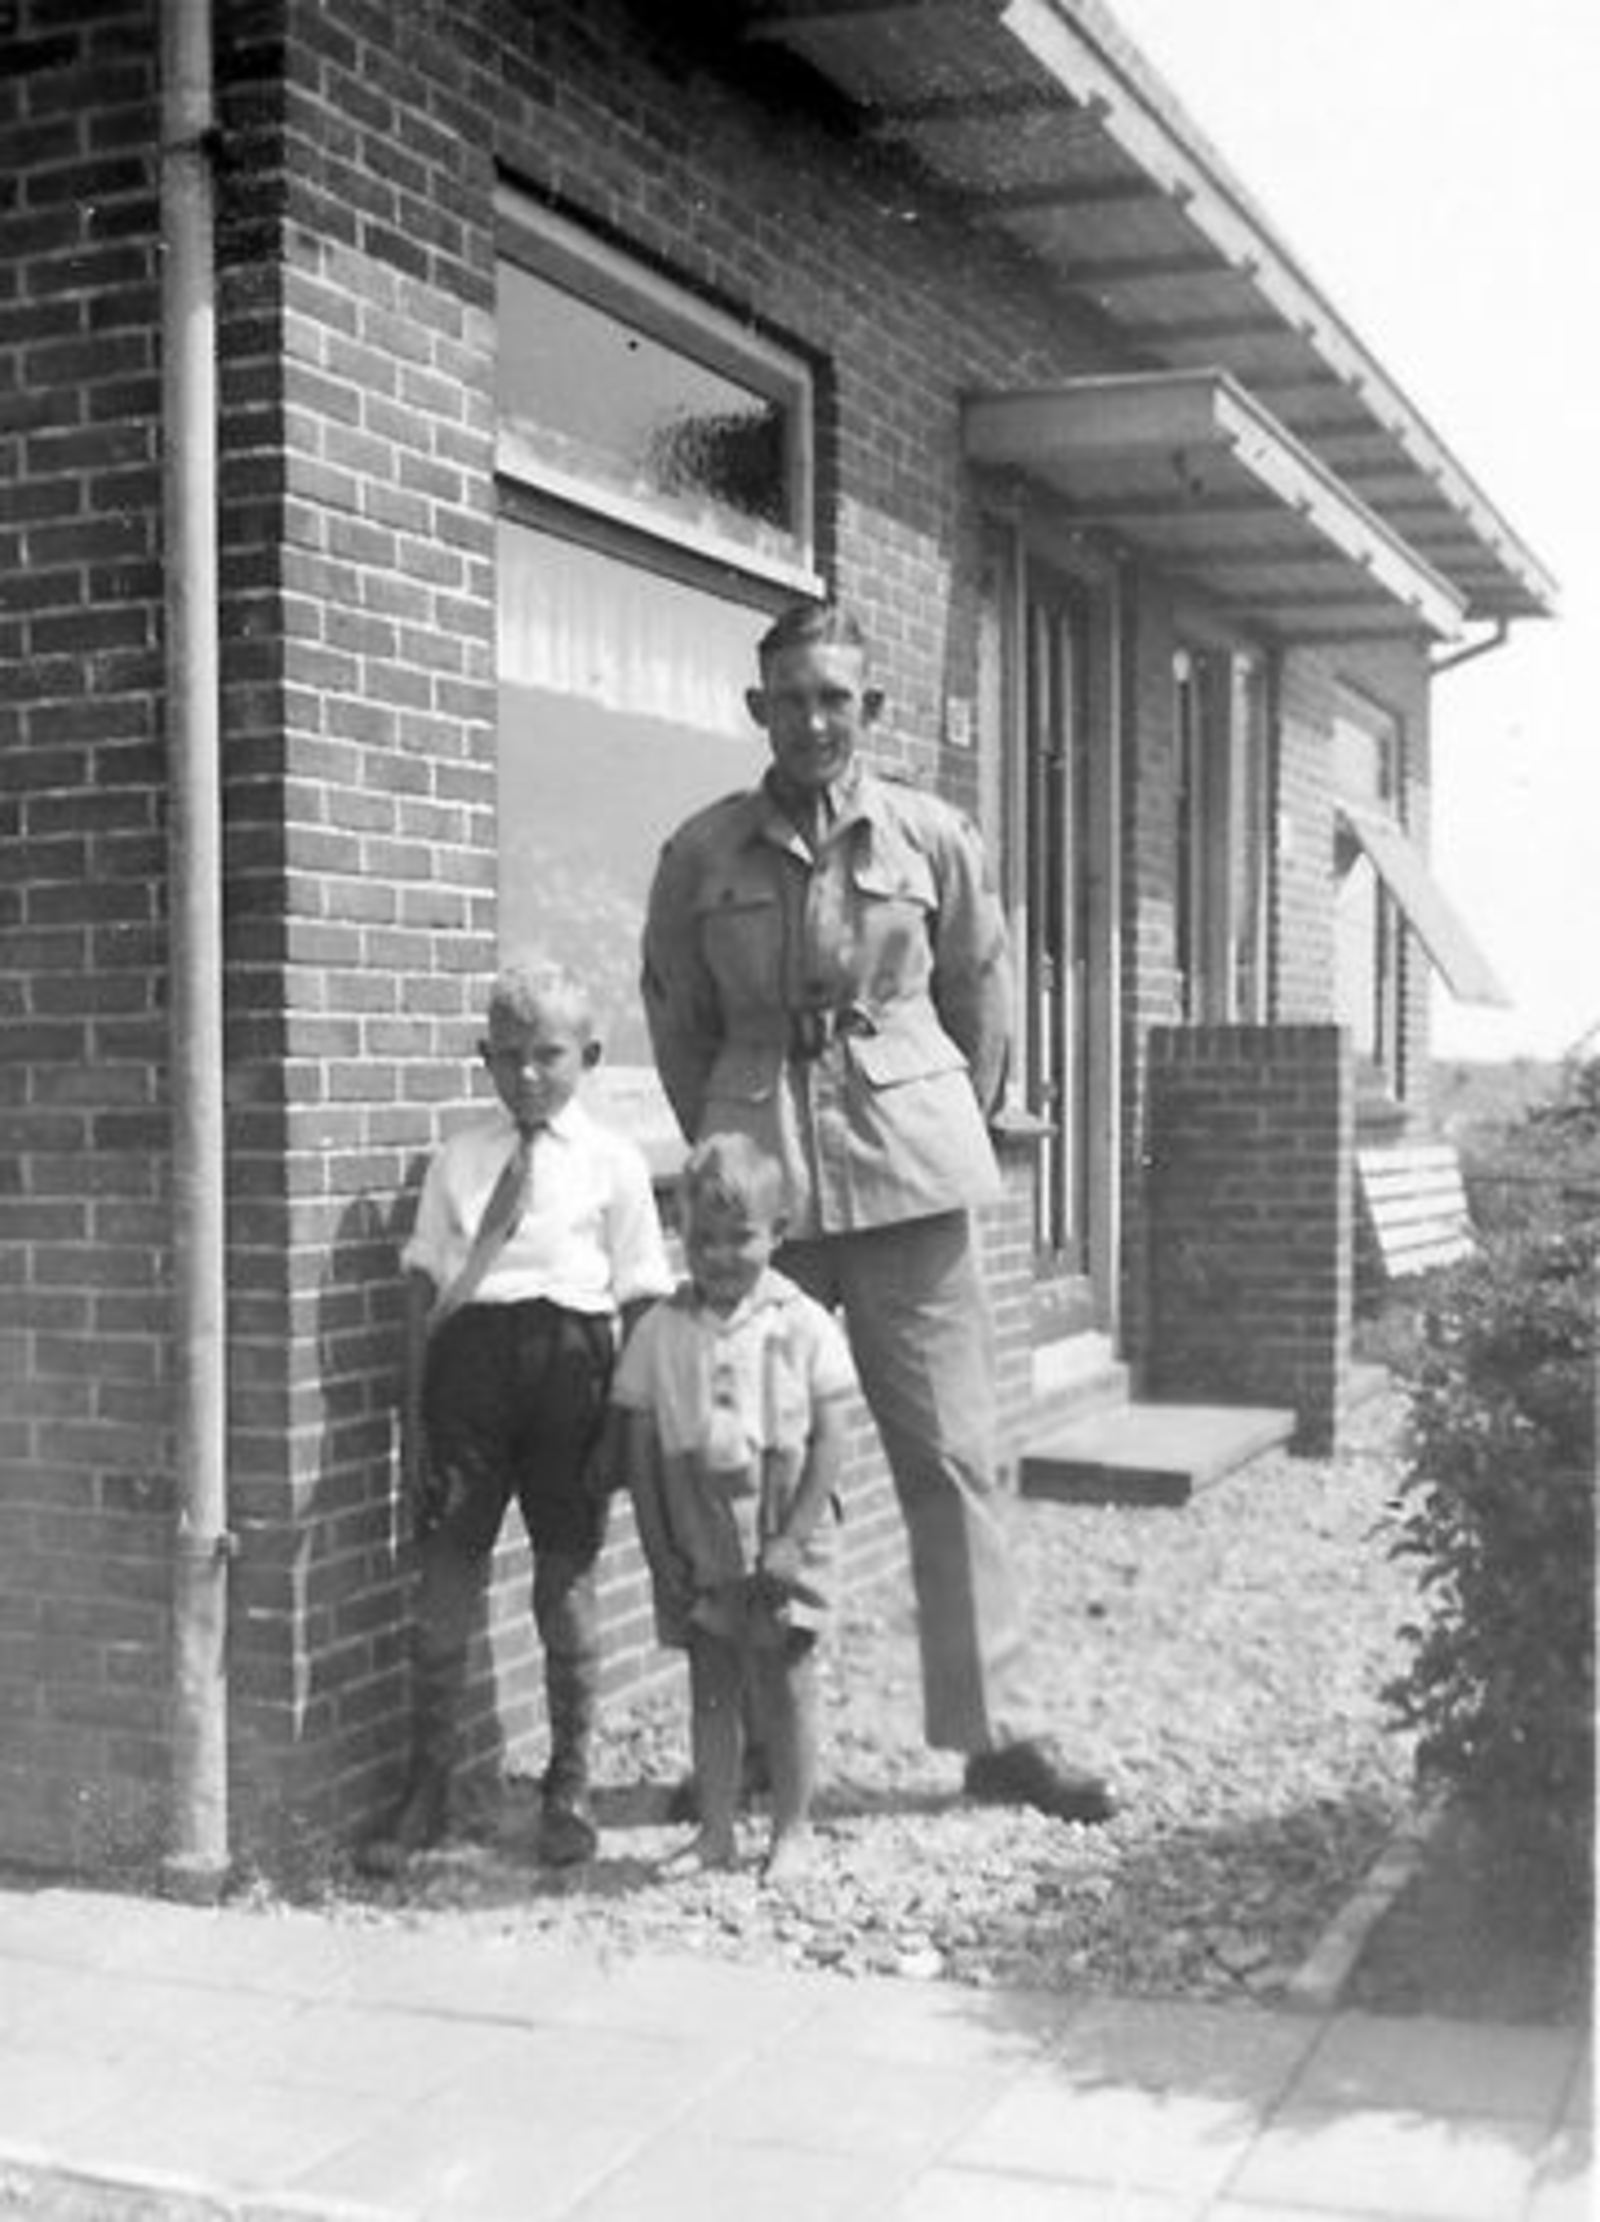 Vijfhuizerweg N 0197 1950± Anton vd Steeg Soldaat 12